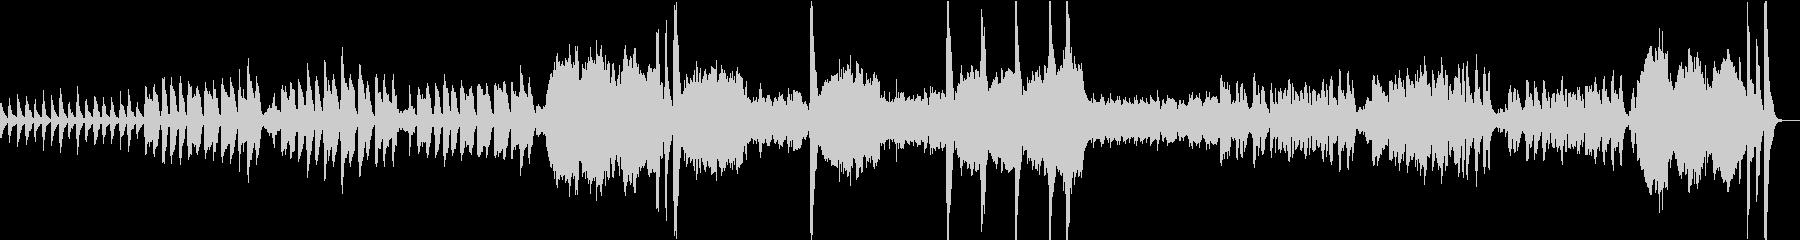 ホラーテイストのオーケストラの未再生の波形